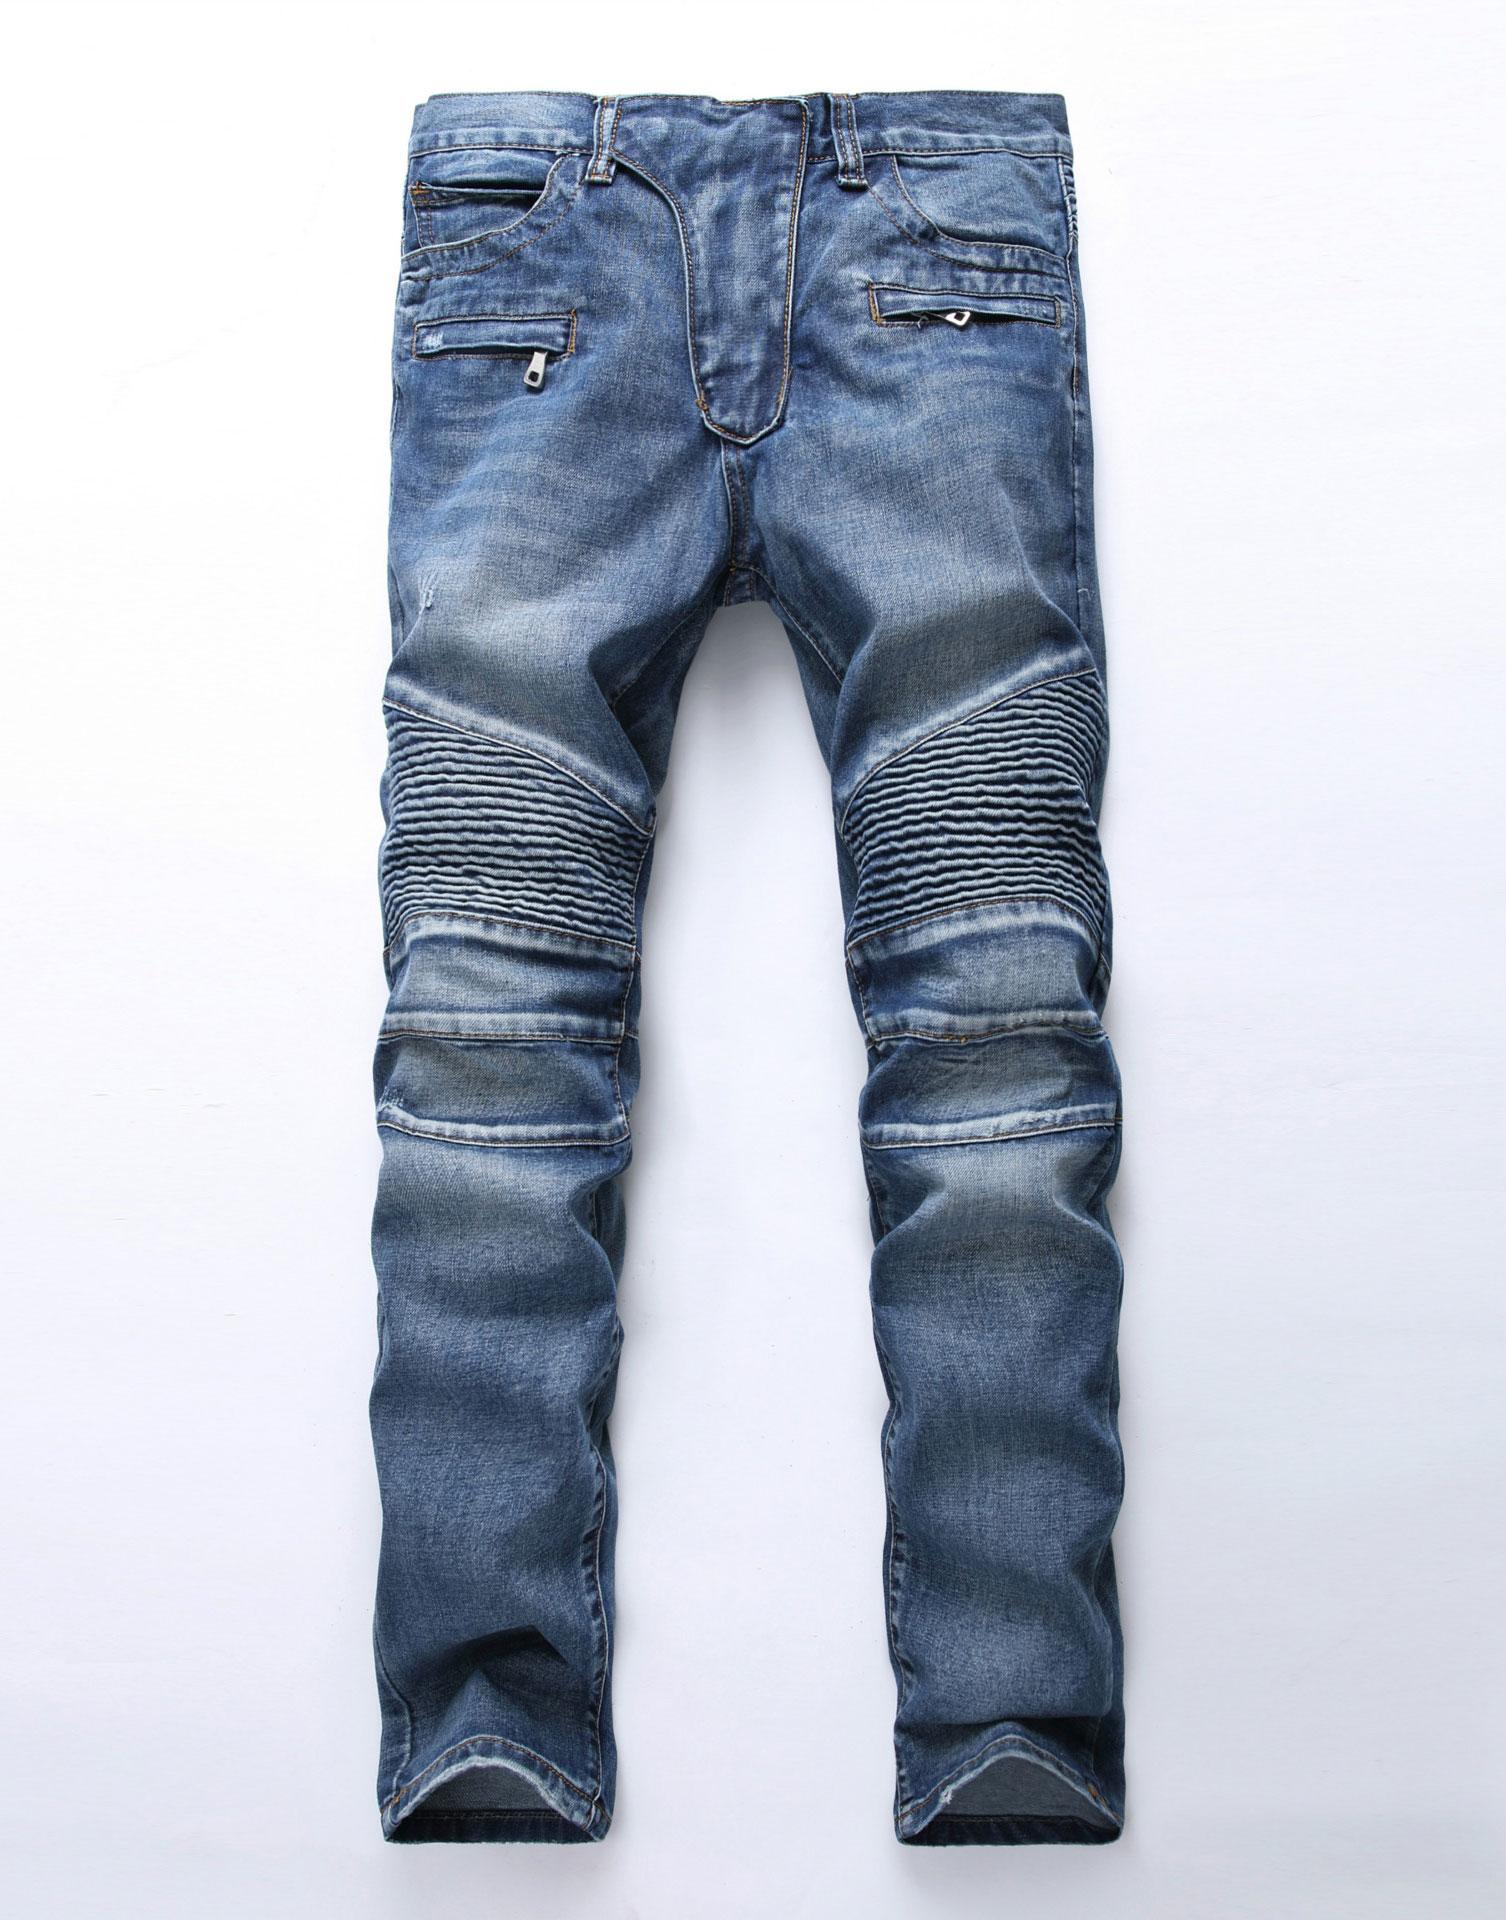 Quần thời trang jean biker cao cấp MK15